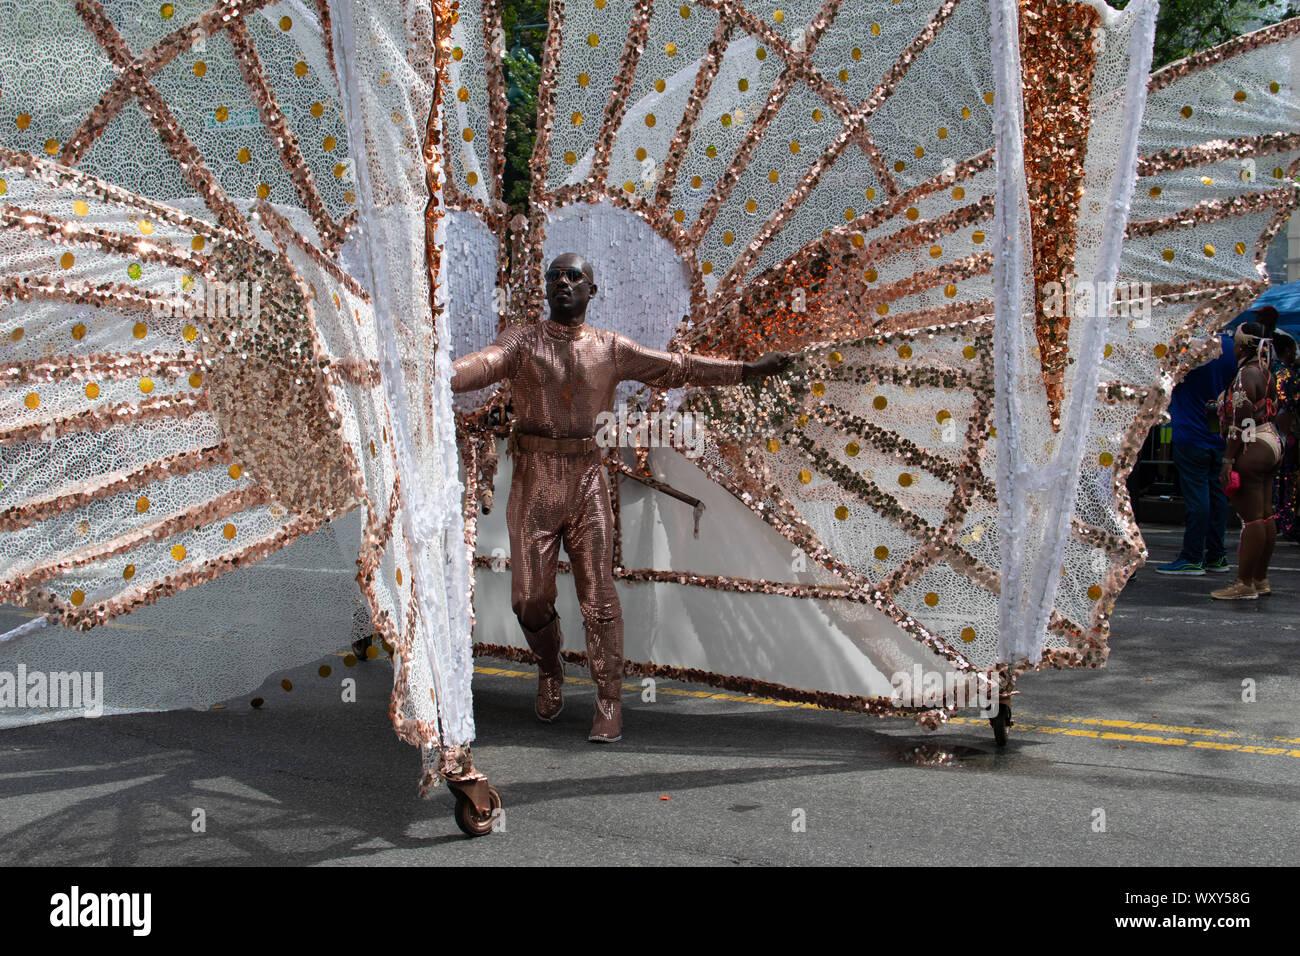 Ein Mann hat sich ein Kostüm erstellt, das wie ein Schmetterling anmutet. Auf Rollen präsentiert der Mann stolz sein Kunstwerk und geht im ZickZack an Stock Photo